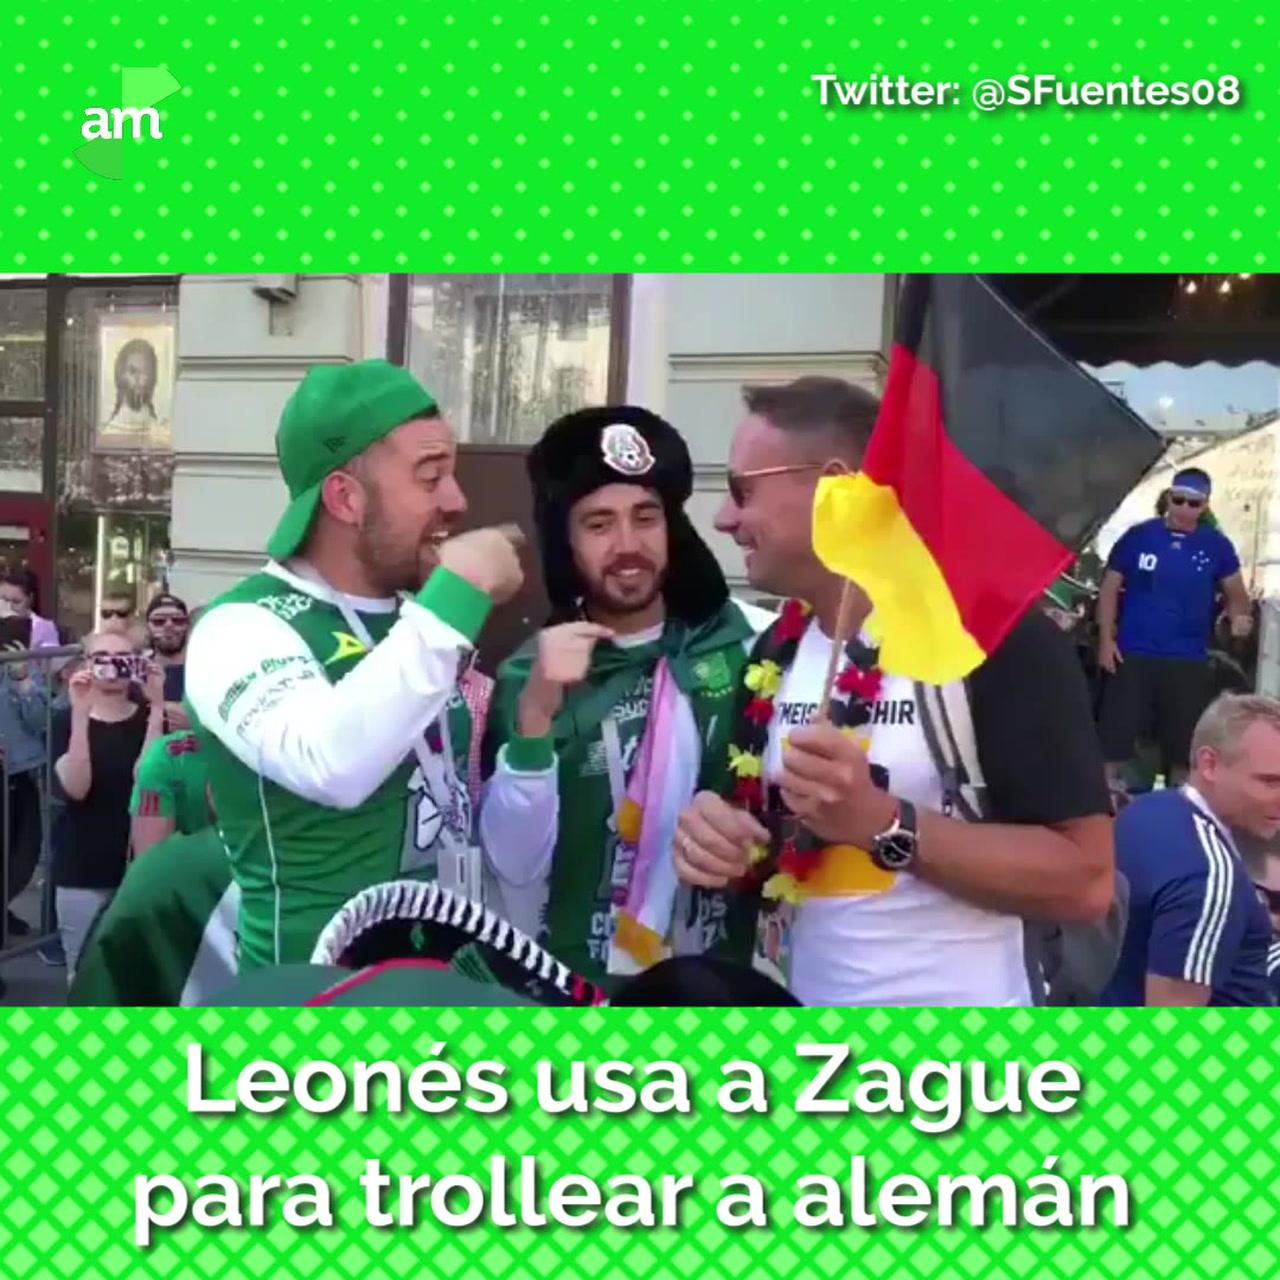 Video: Aficionados de León usan a Zague para 'trollear' a un alemán en Rusia